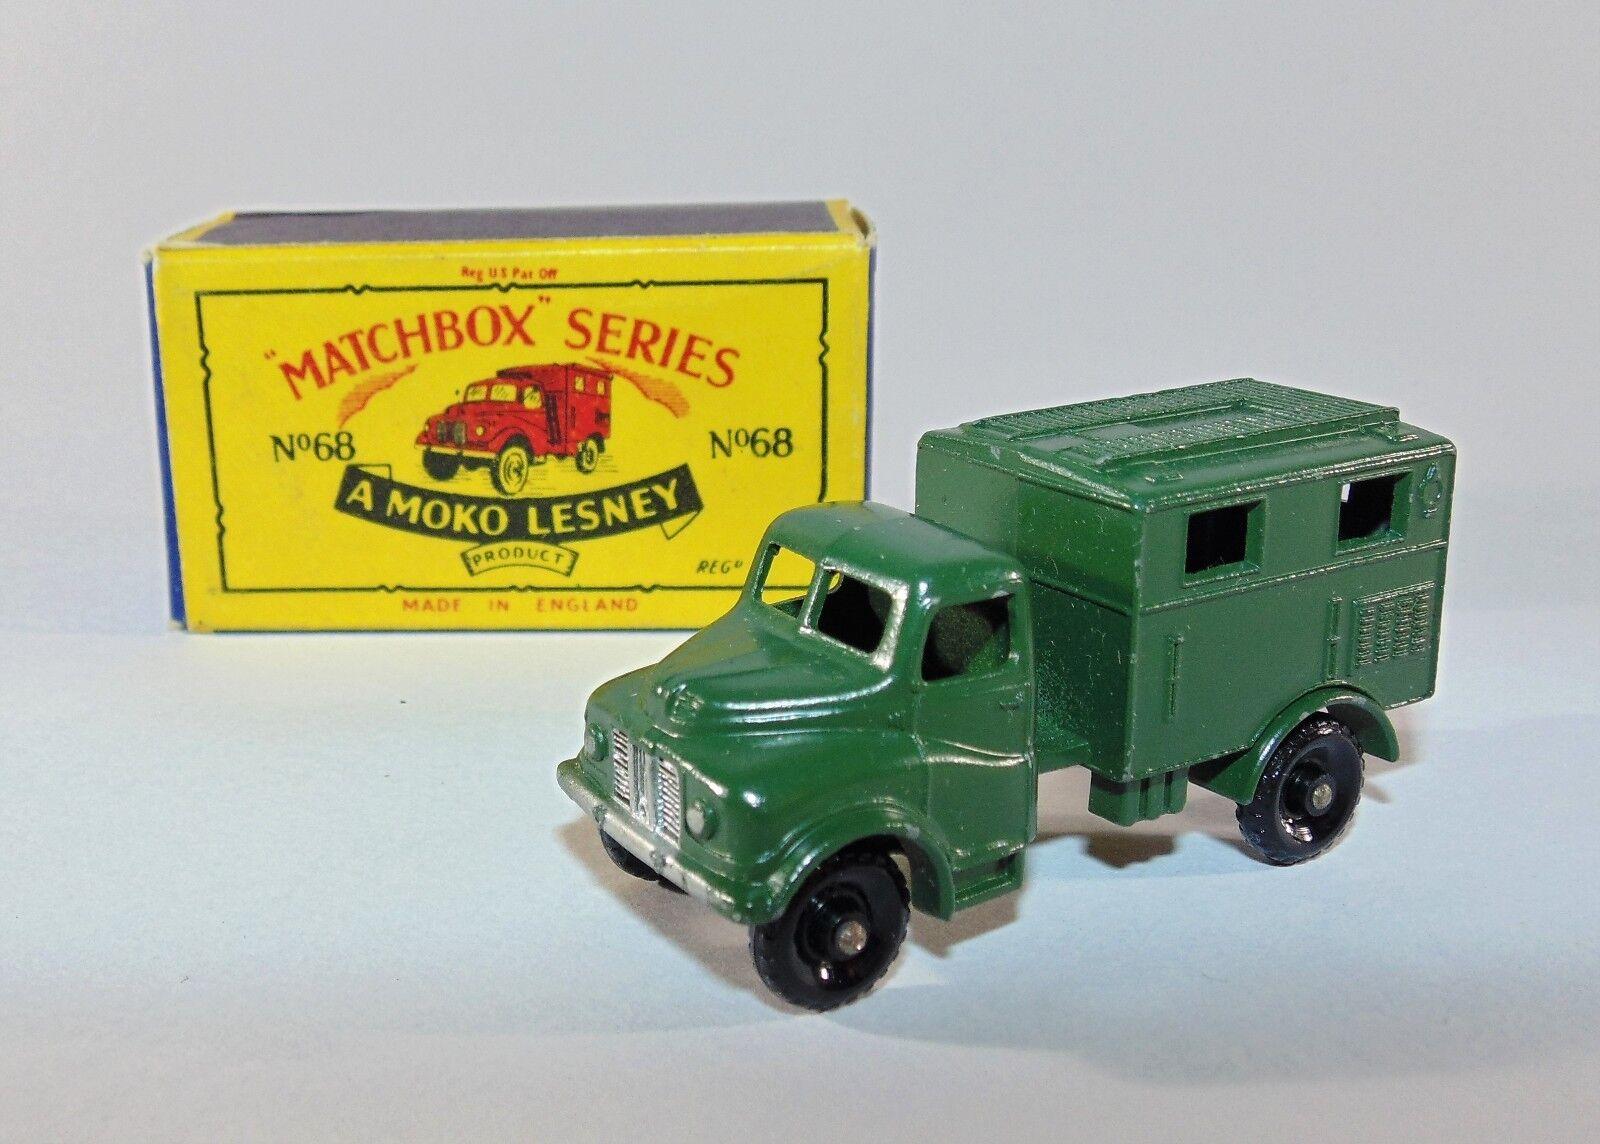 Matchbox Moko Lesney Modelo No.68a  Austin  Radio Camión Mk11